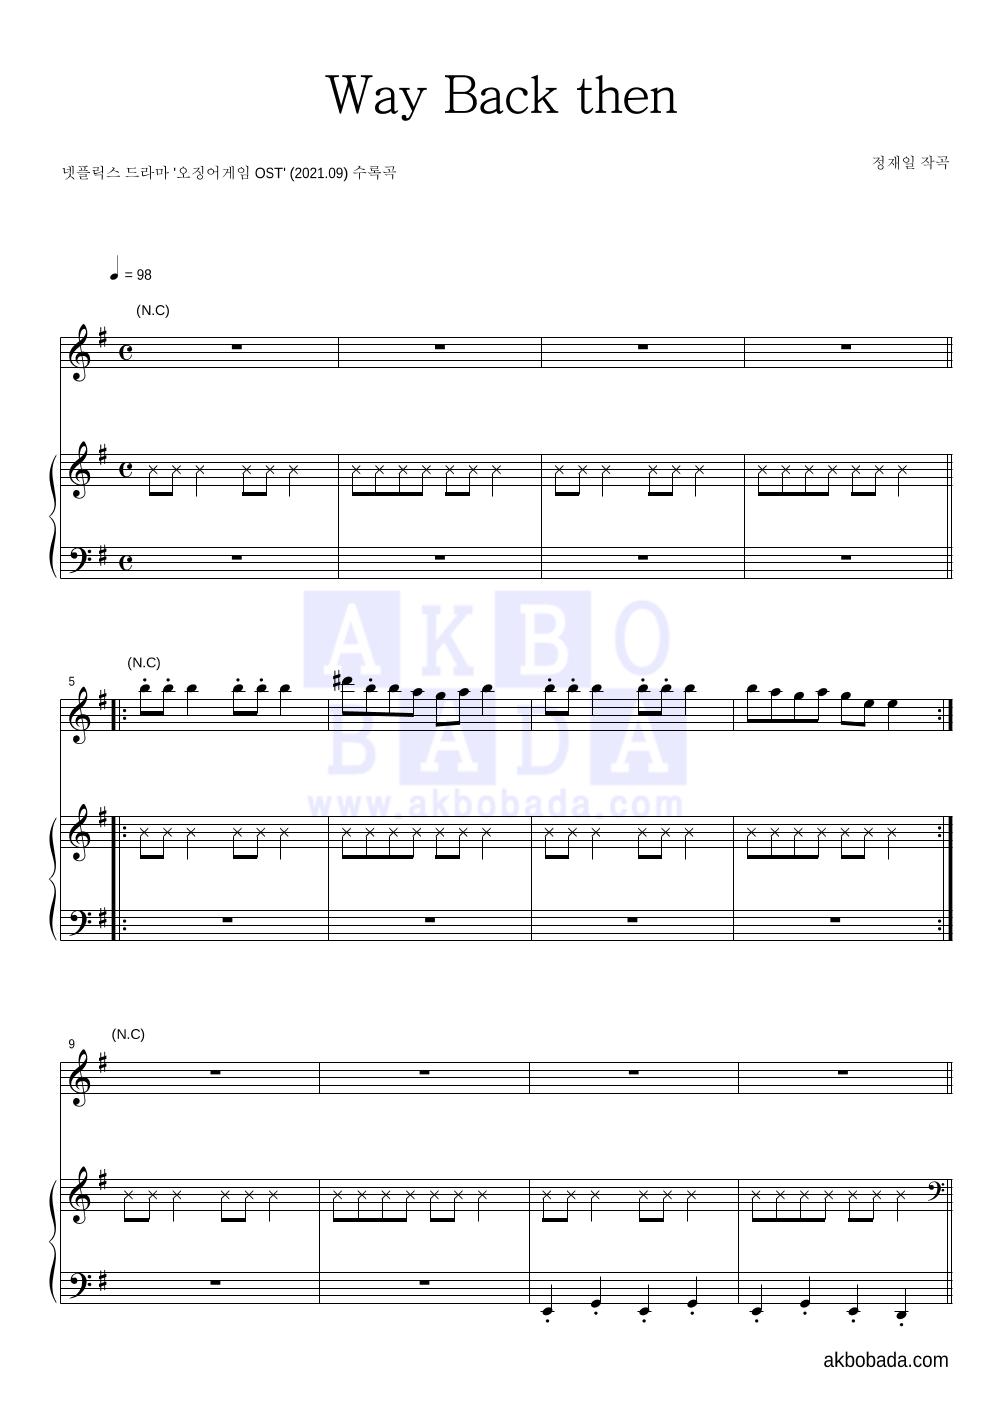 정재일 - Way Back then Solo&피아노 악보